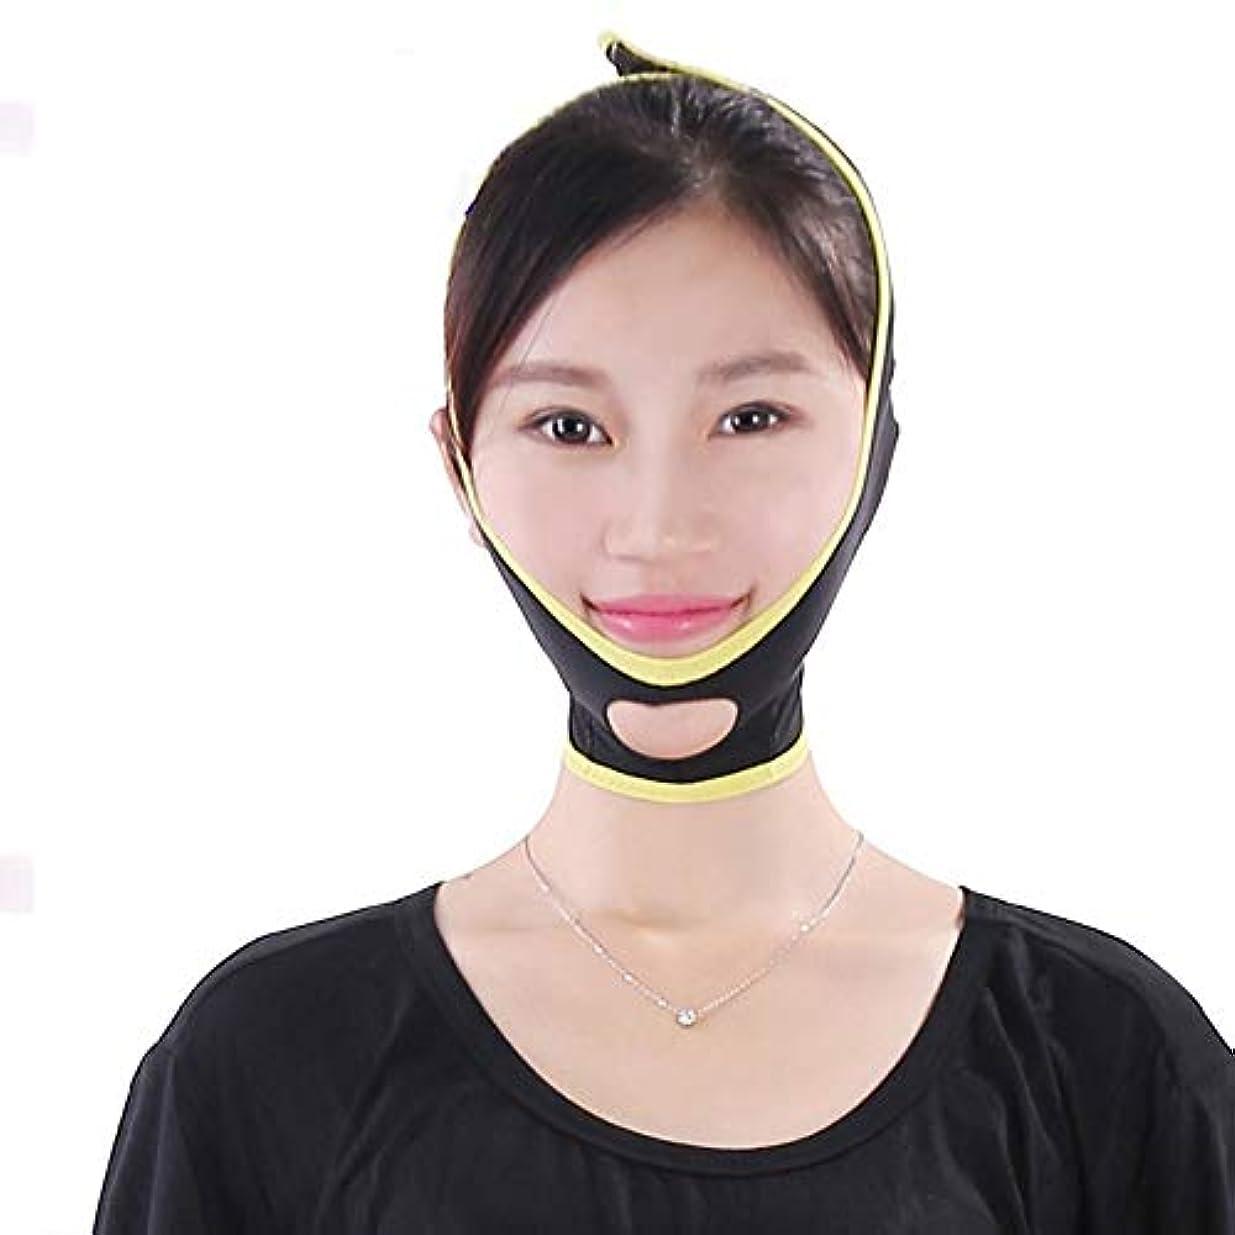 台無しに芝生建物Vフェイスマスク、フェイスリフティングアーティファクト、美容マスク、顔のしわ防止、減量、二重あご